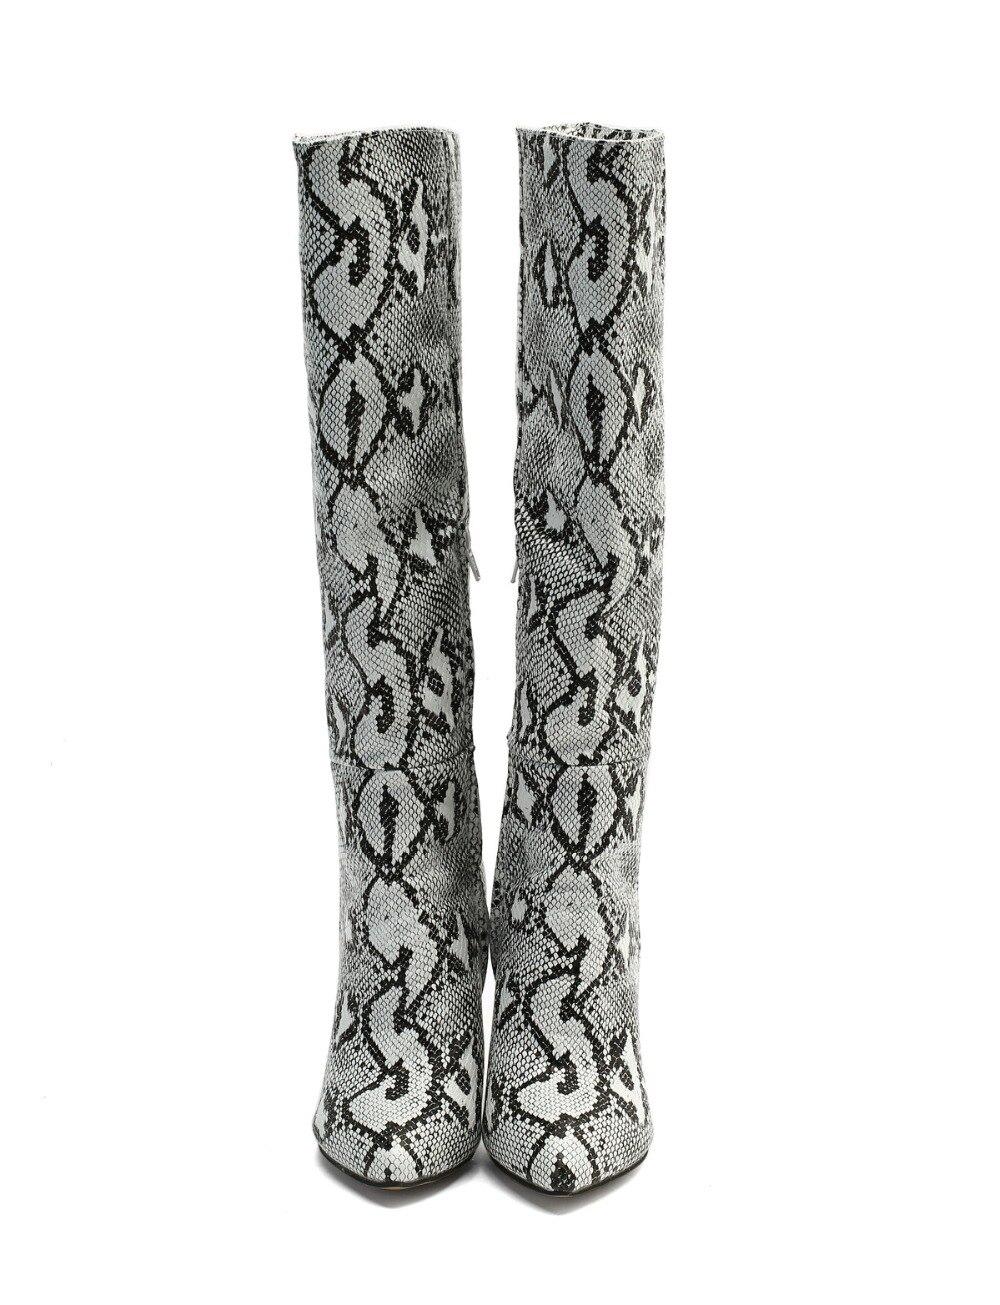 Épais Genou Bottes Initiale Chaussures Ef1676 Print Populaire Du Serpent Pointu Talons Imprimer Plus Taille L'intention Hauteur Bout Haute Dames À Snake Femmes iPZuOXkT